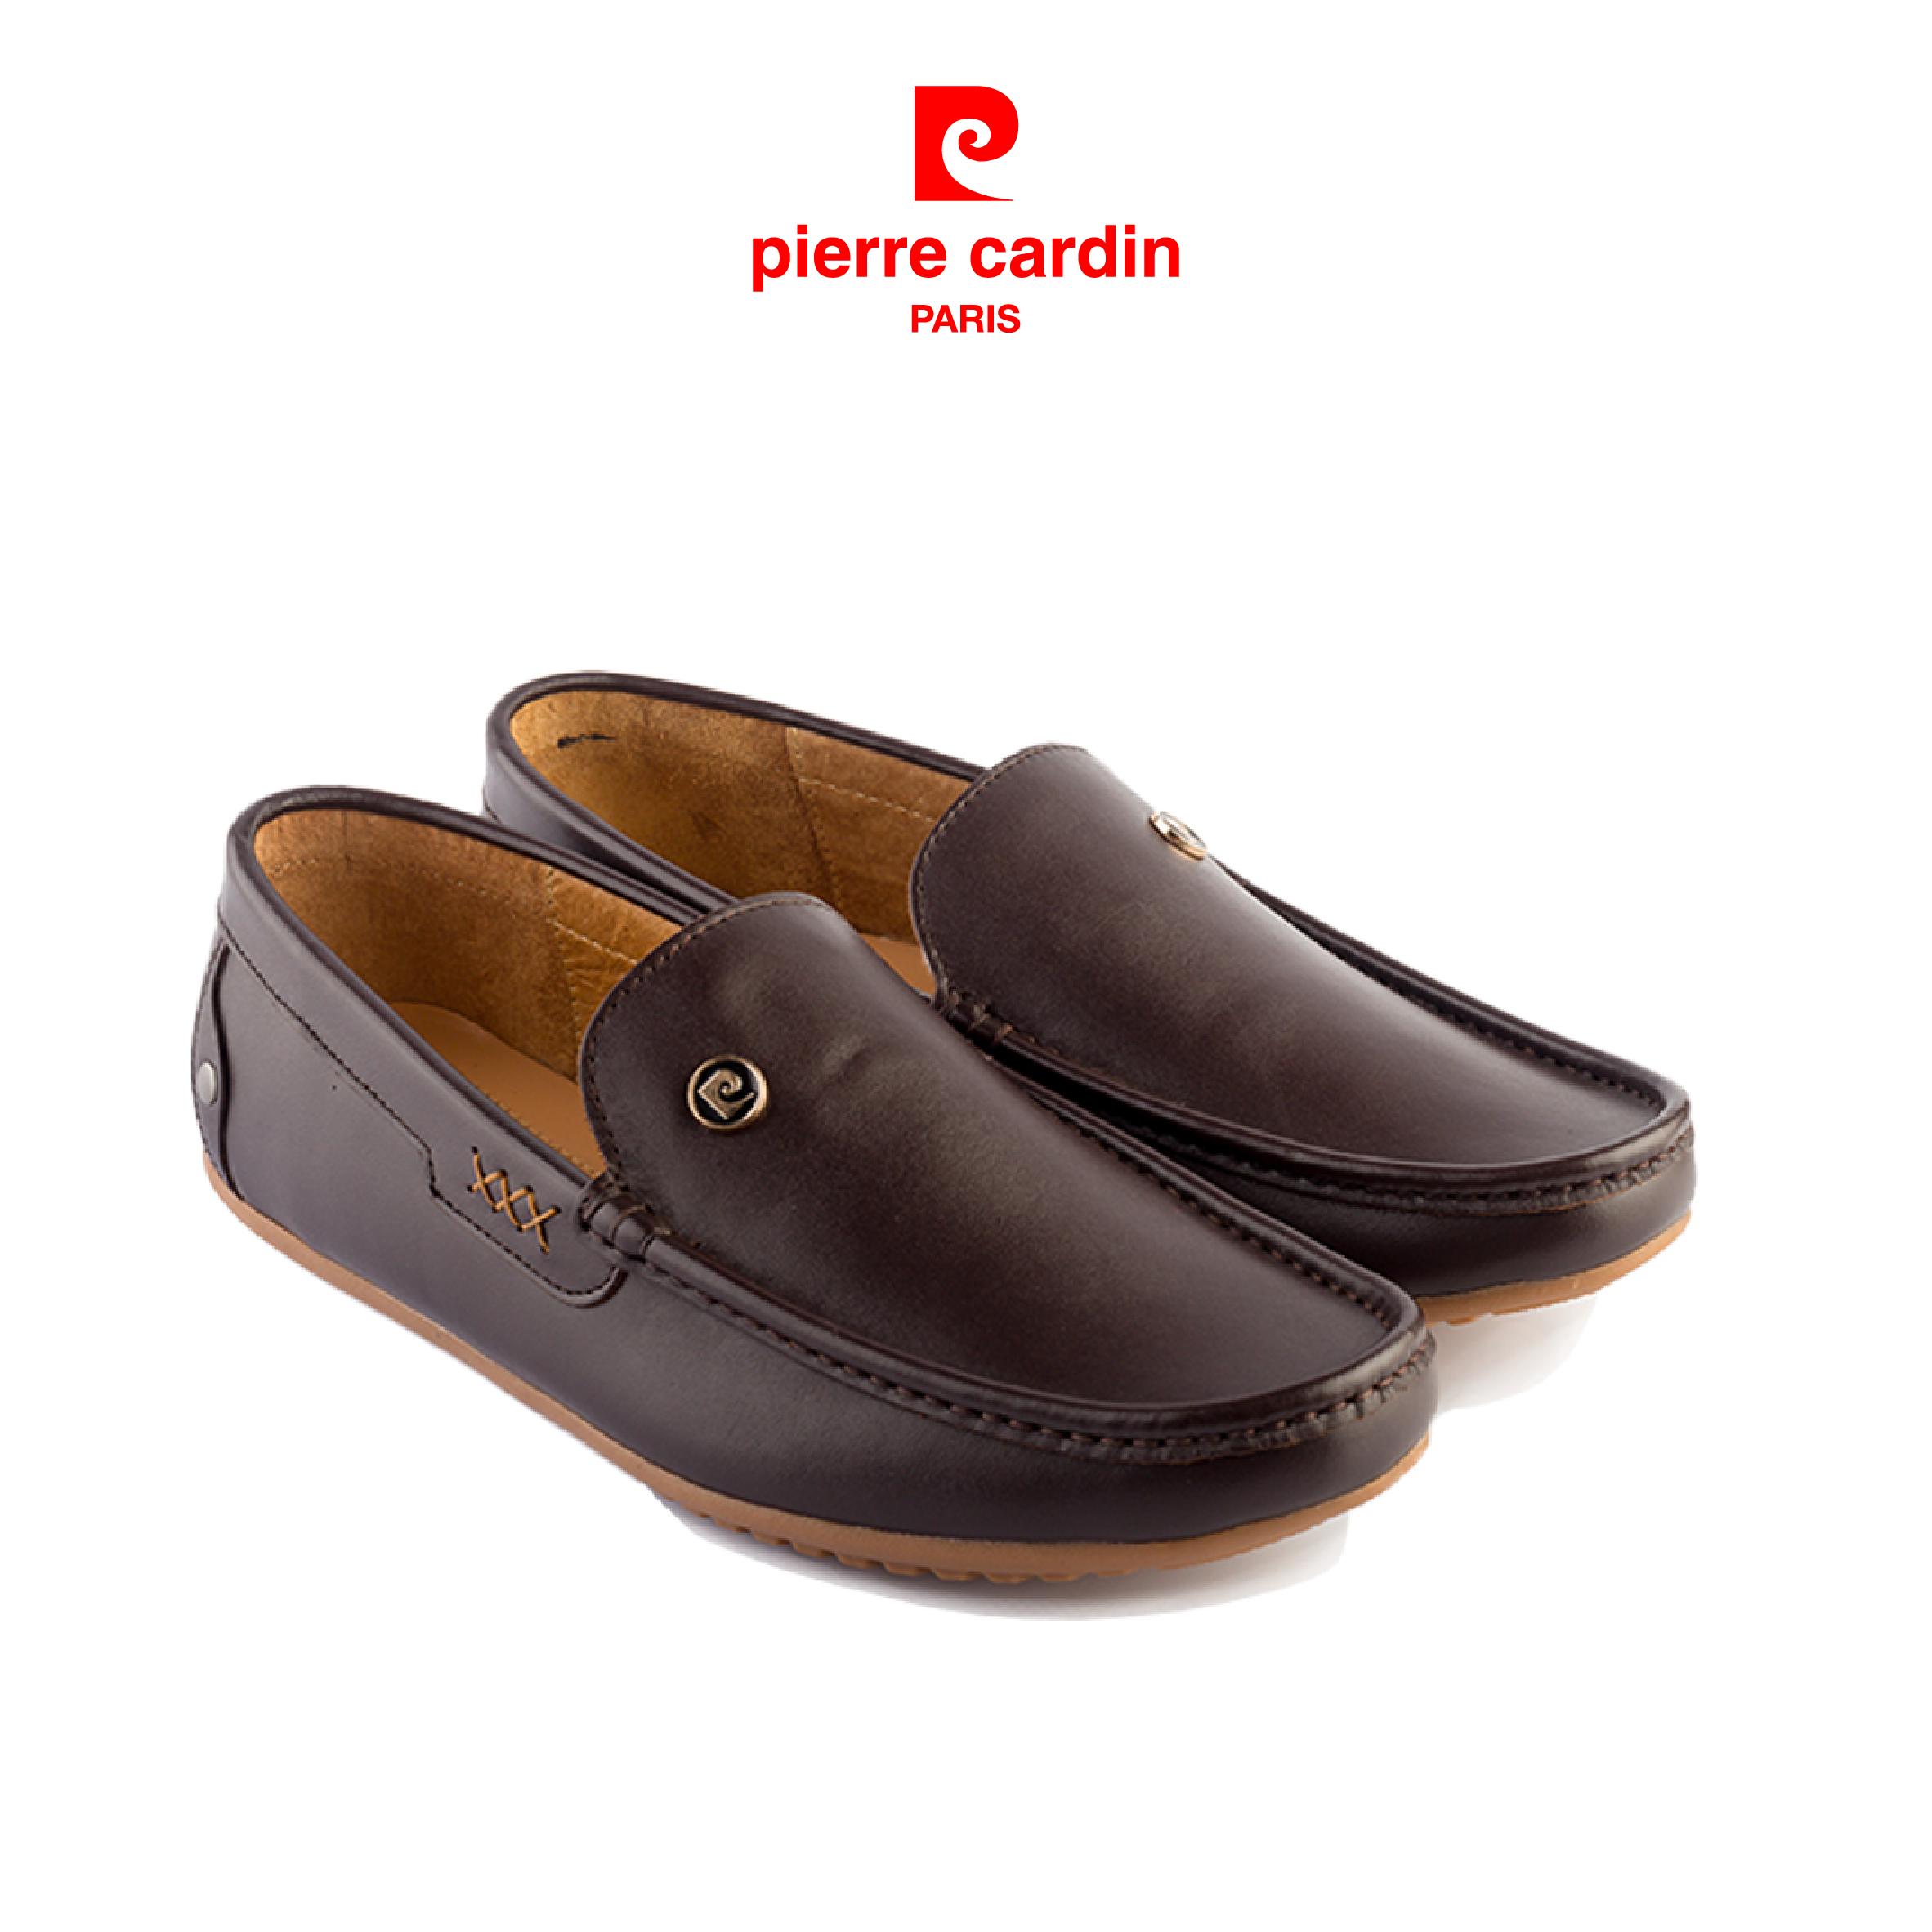 Giày lười nam Pierre Cardin trơn da bò nhập khẩu Italia, đế xẻ rãnh chống trượt, thiết kế sang trọng, lịch lãm, lót da chống hôi chân – PCMFWL 084